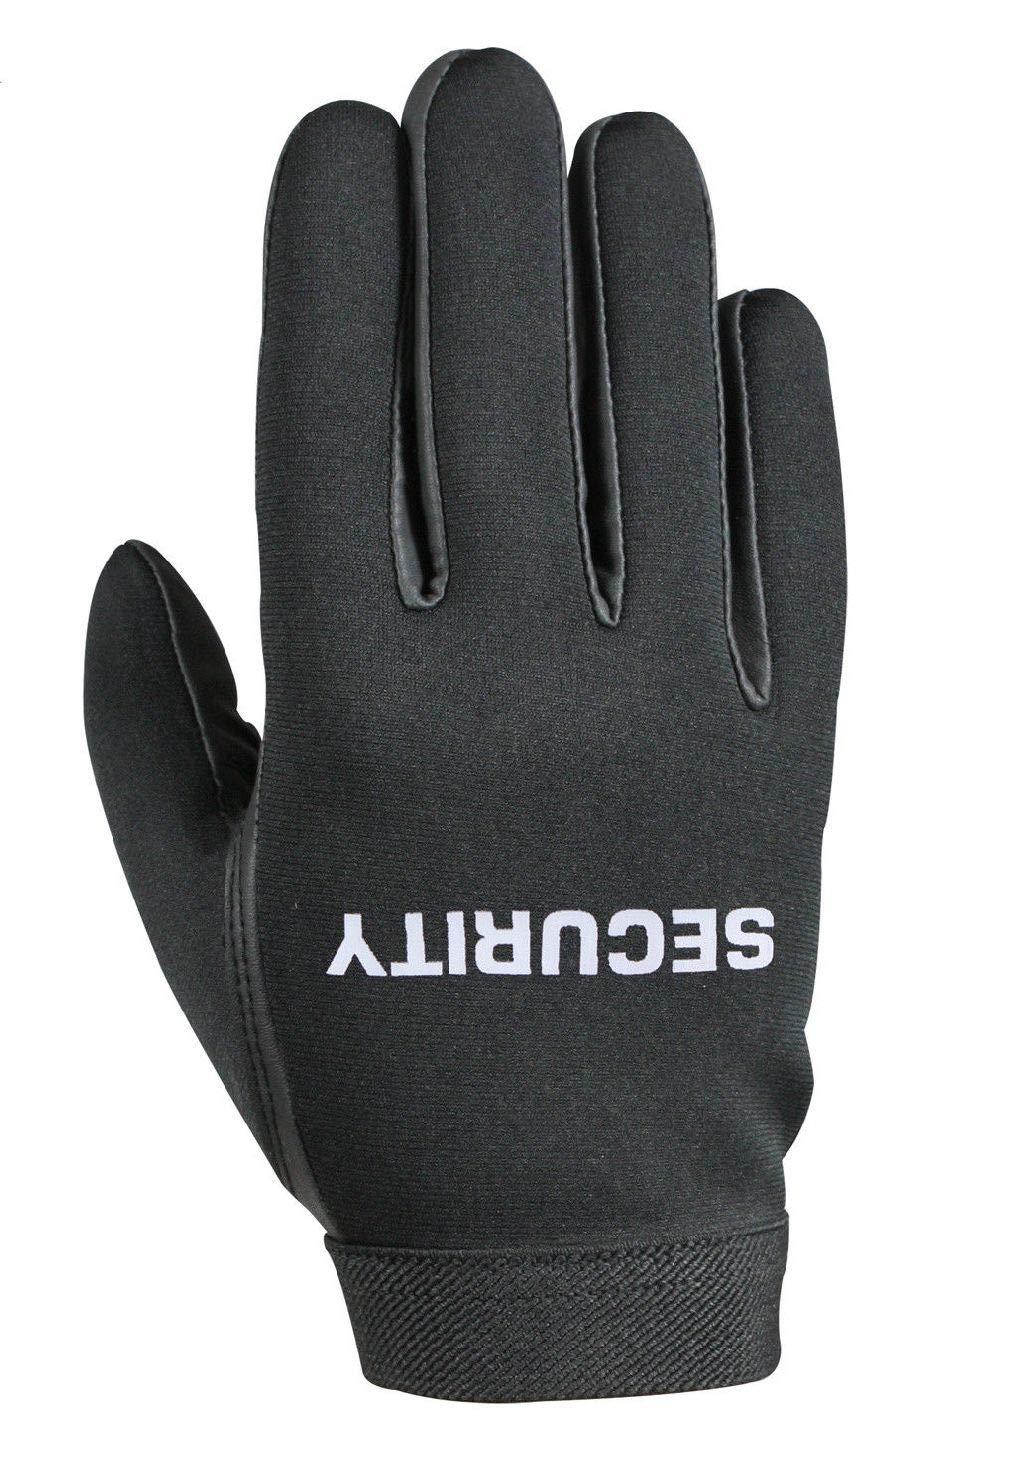 2019春の新作 Black Security 多目的超薄型ネオプレン手袋 Size S S Black Size B07GM8MH2W, ふじまつ:0fe0212c --- ballyshannonshow.com